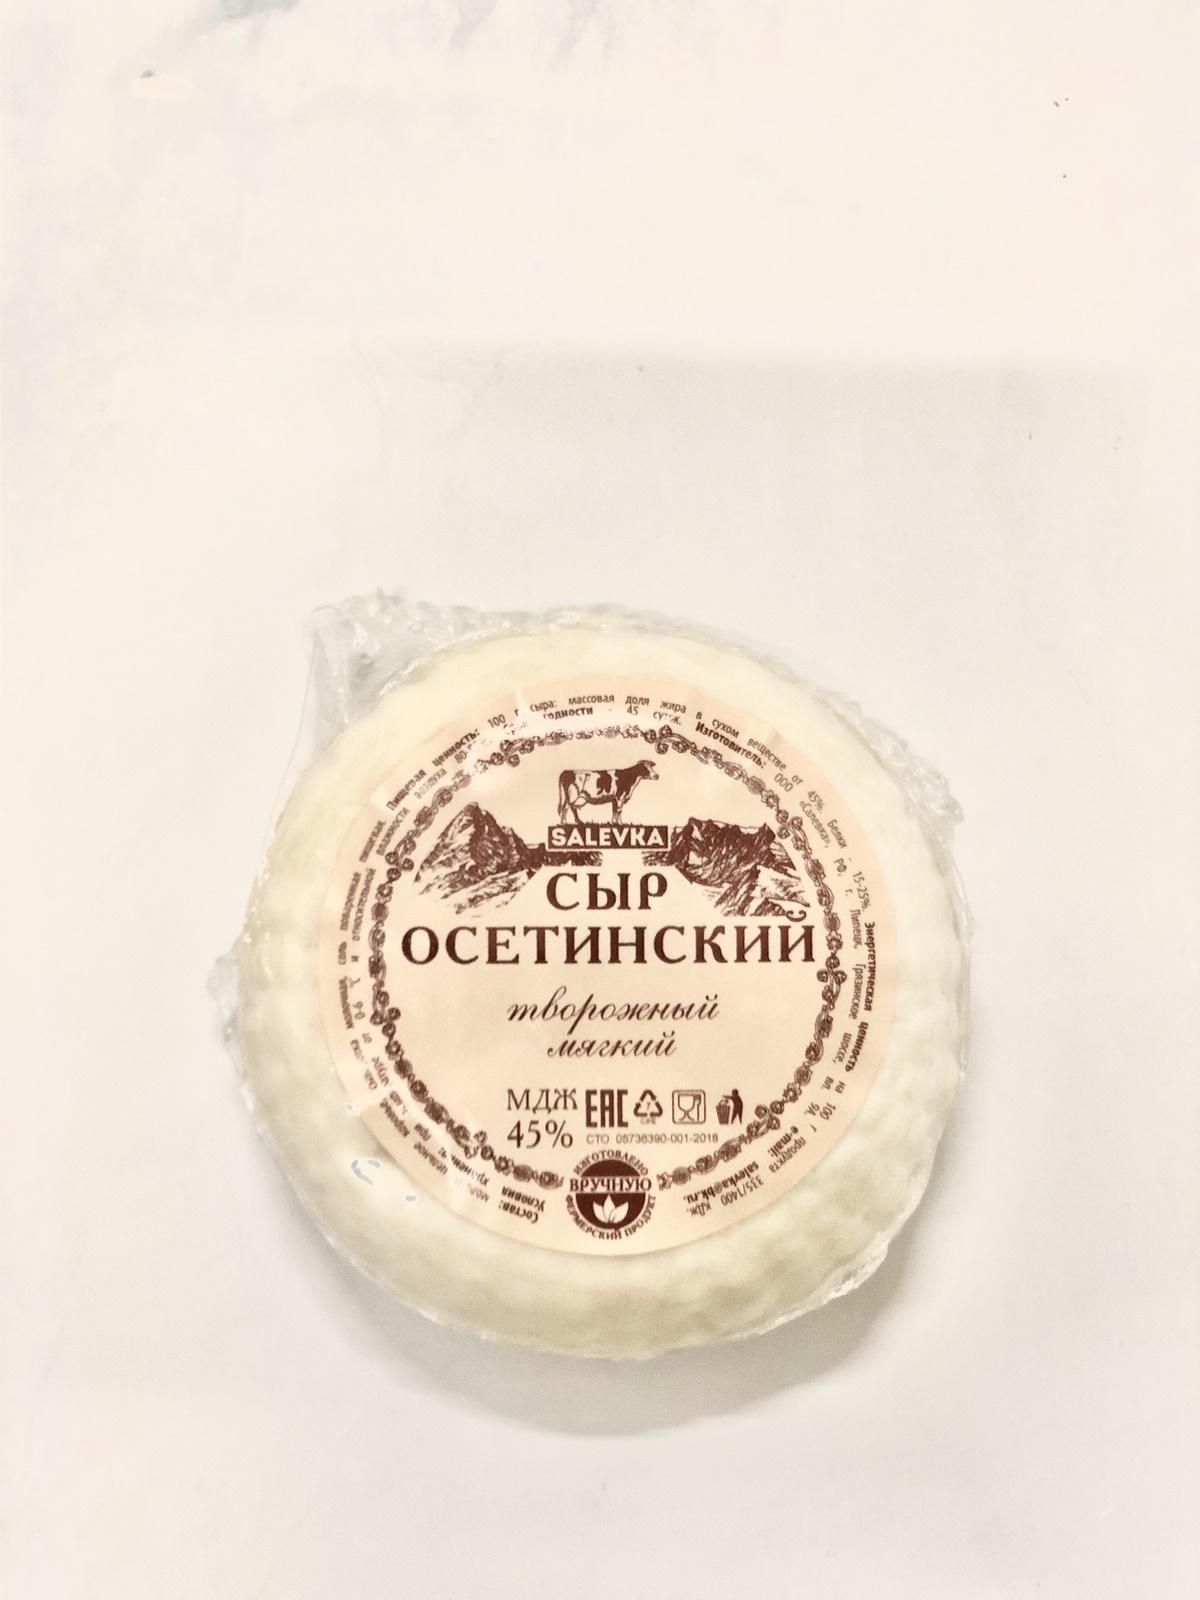 Сыр творожный мягкий Осетинский 45% ООО Салевка